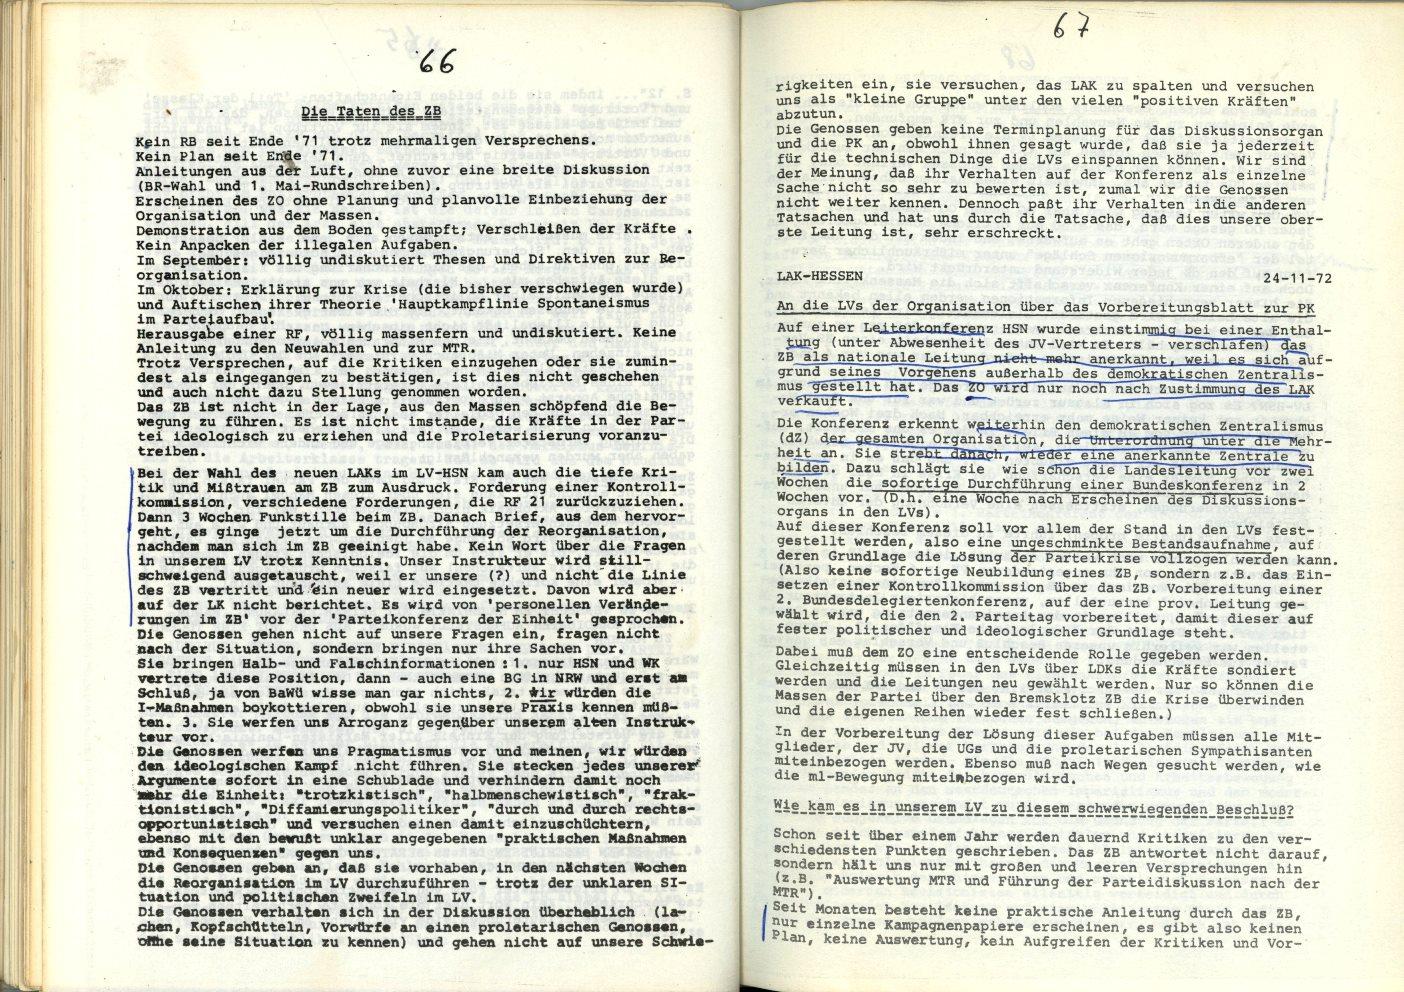 ZB_1972_Diskussionsorgan_zur_ersten_Parteikonferenz_37